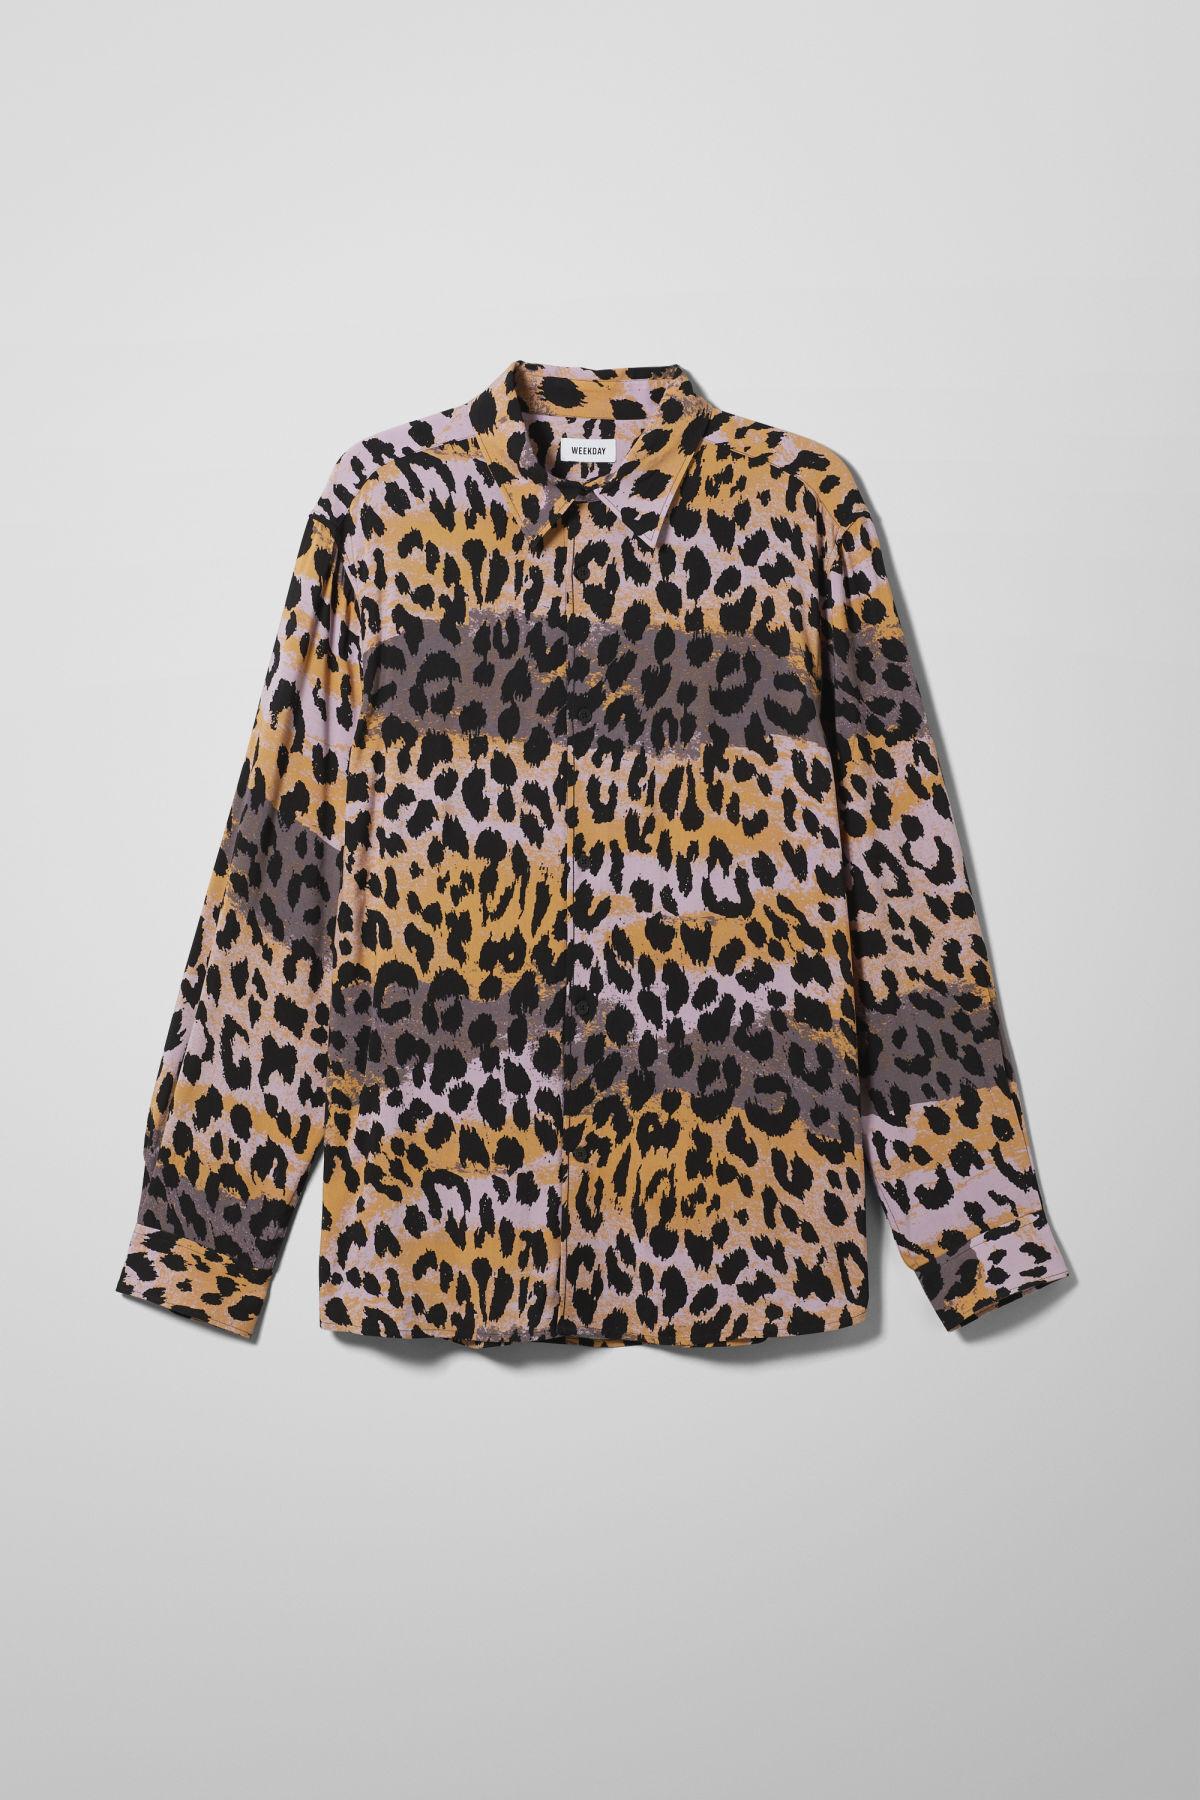 Nino Leo Splash Shirt - Yellow-S